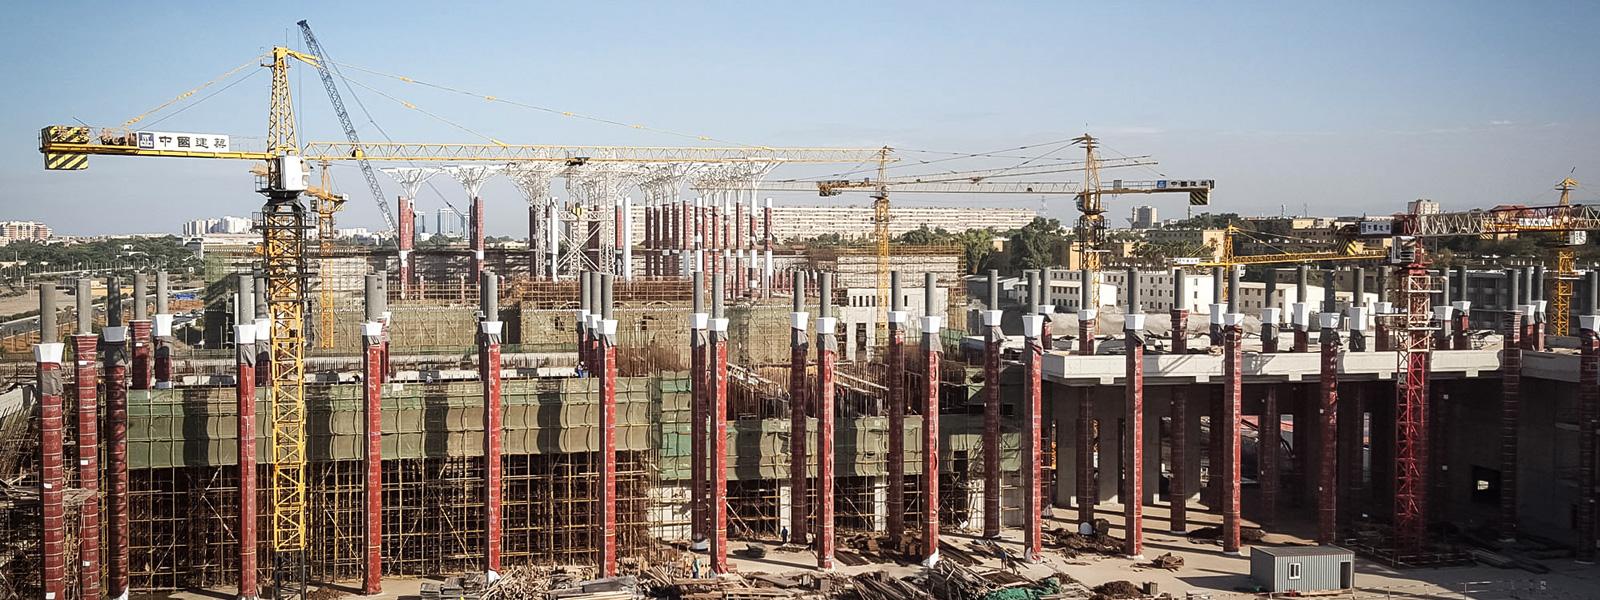 مشروع جامع الجزائر الأعظم: إعطاء إشارة إنطلاق أشغال الإنجاز - صفحة 9 02